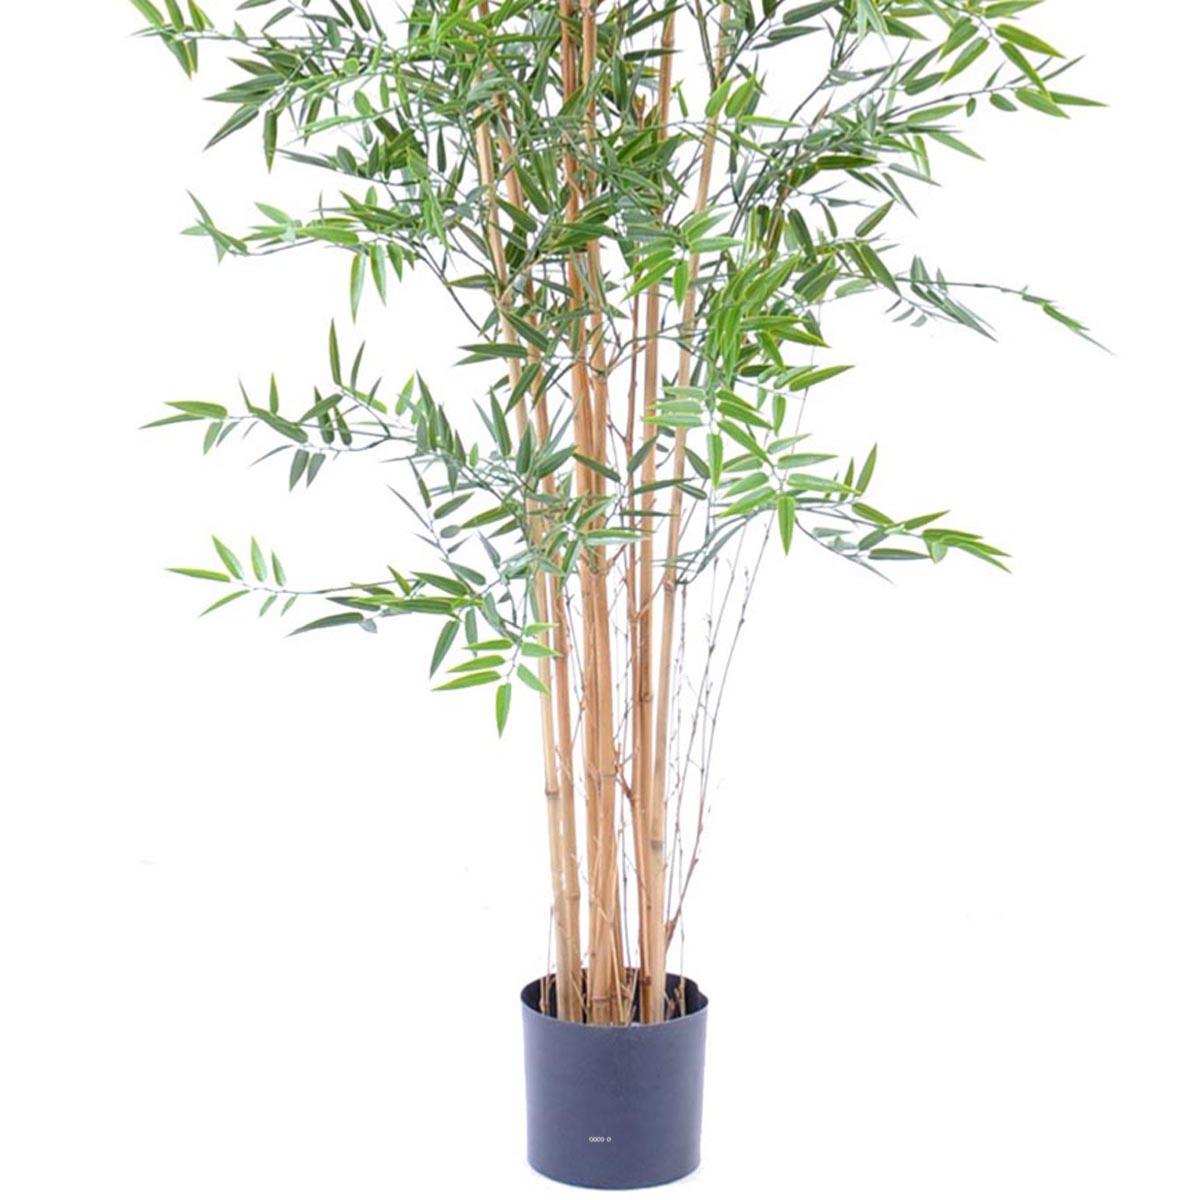 bambou artificiel en pot special uv pour exterieur h 180 cm vert